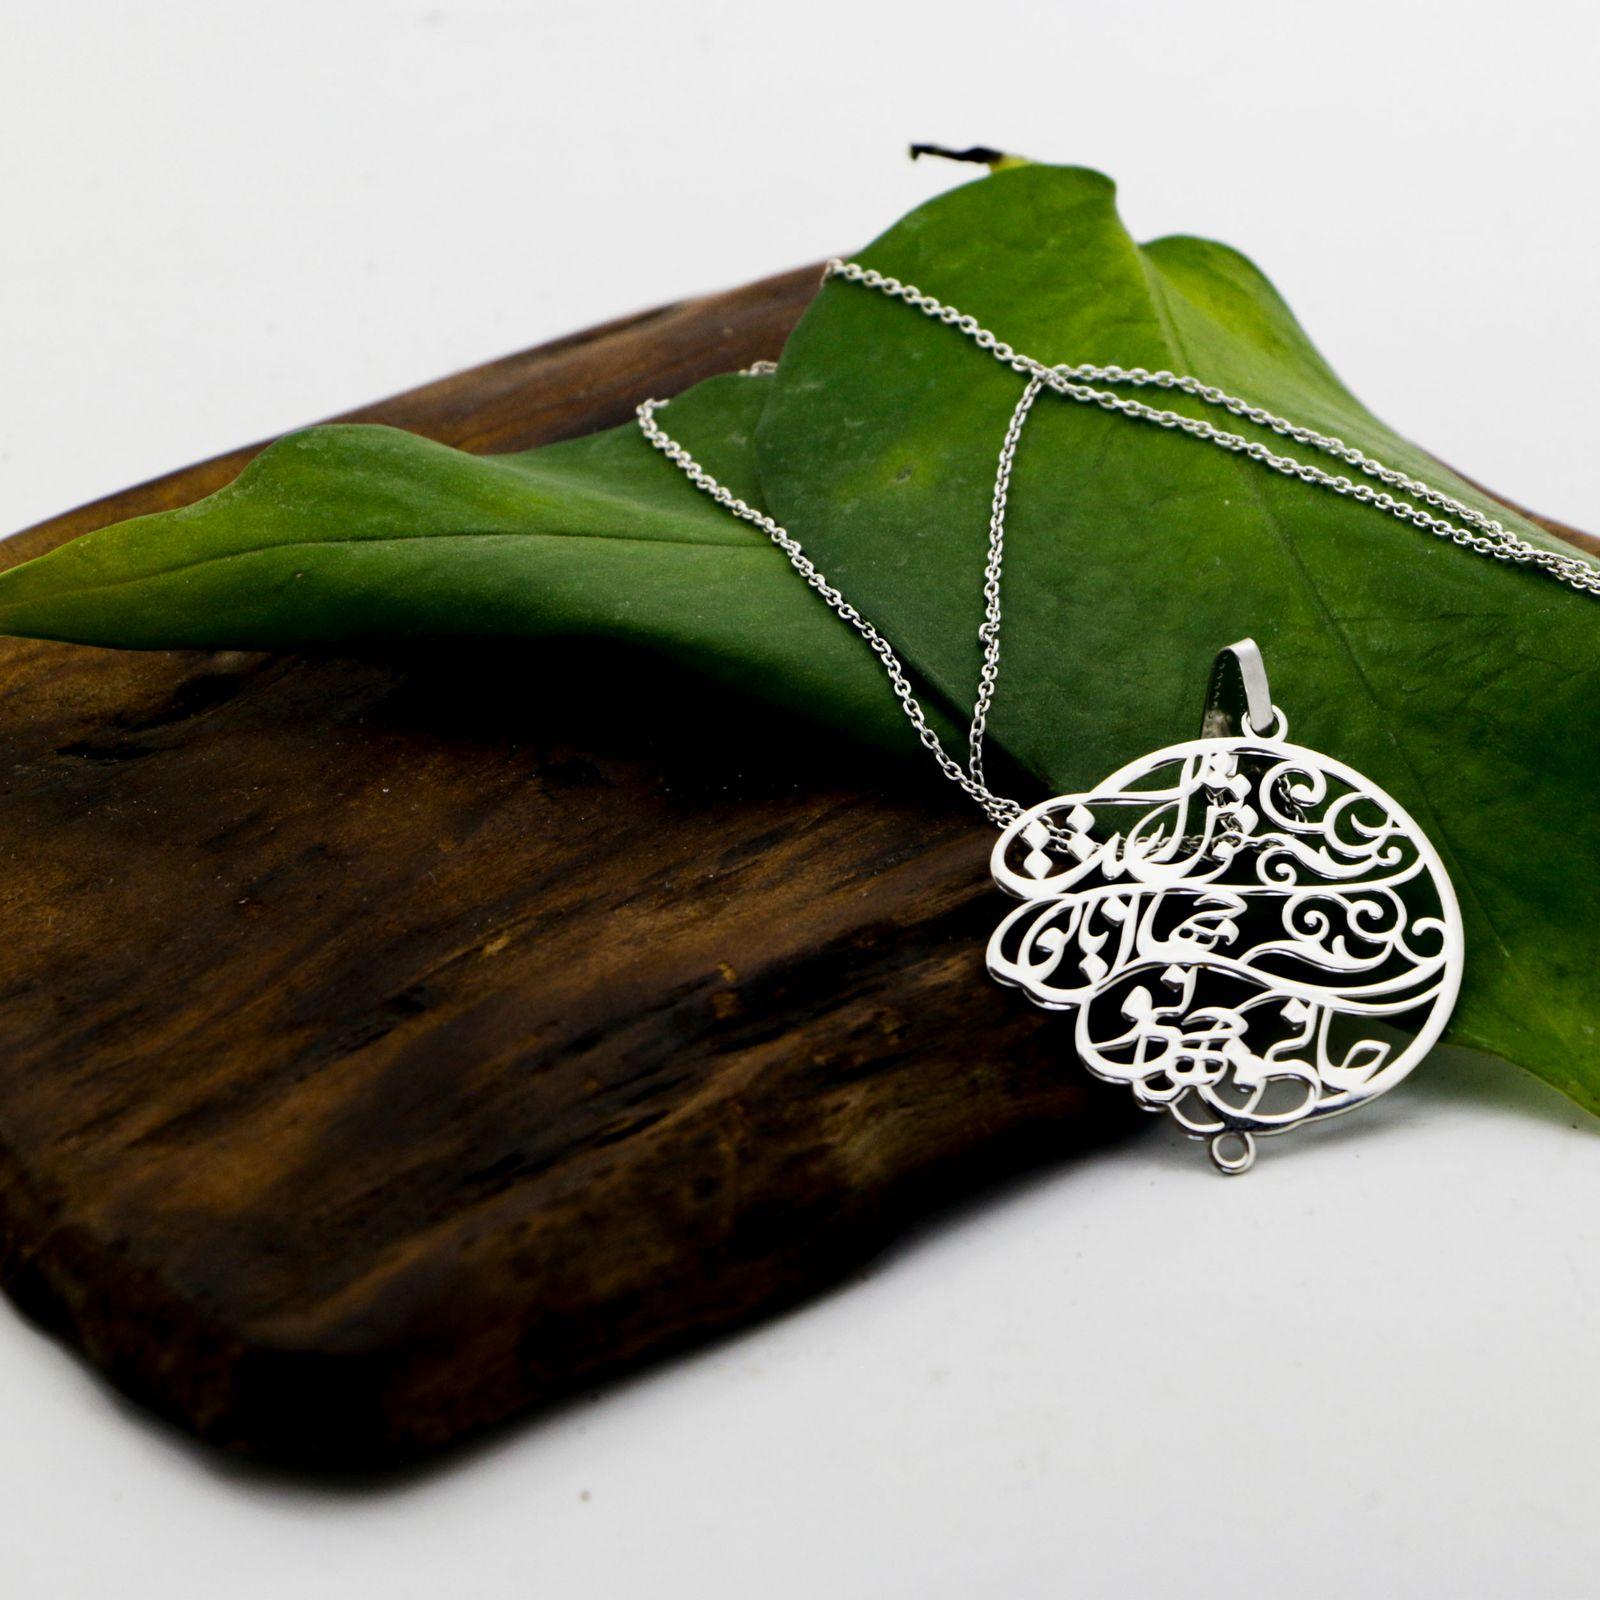 گردنبند نقره زنانه دلی جم طرح جان و جهانی و جهان با تو خوش است کد D 58 -  - 3